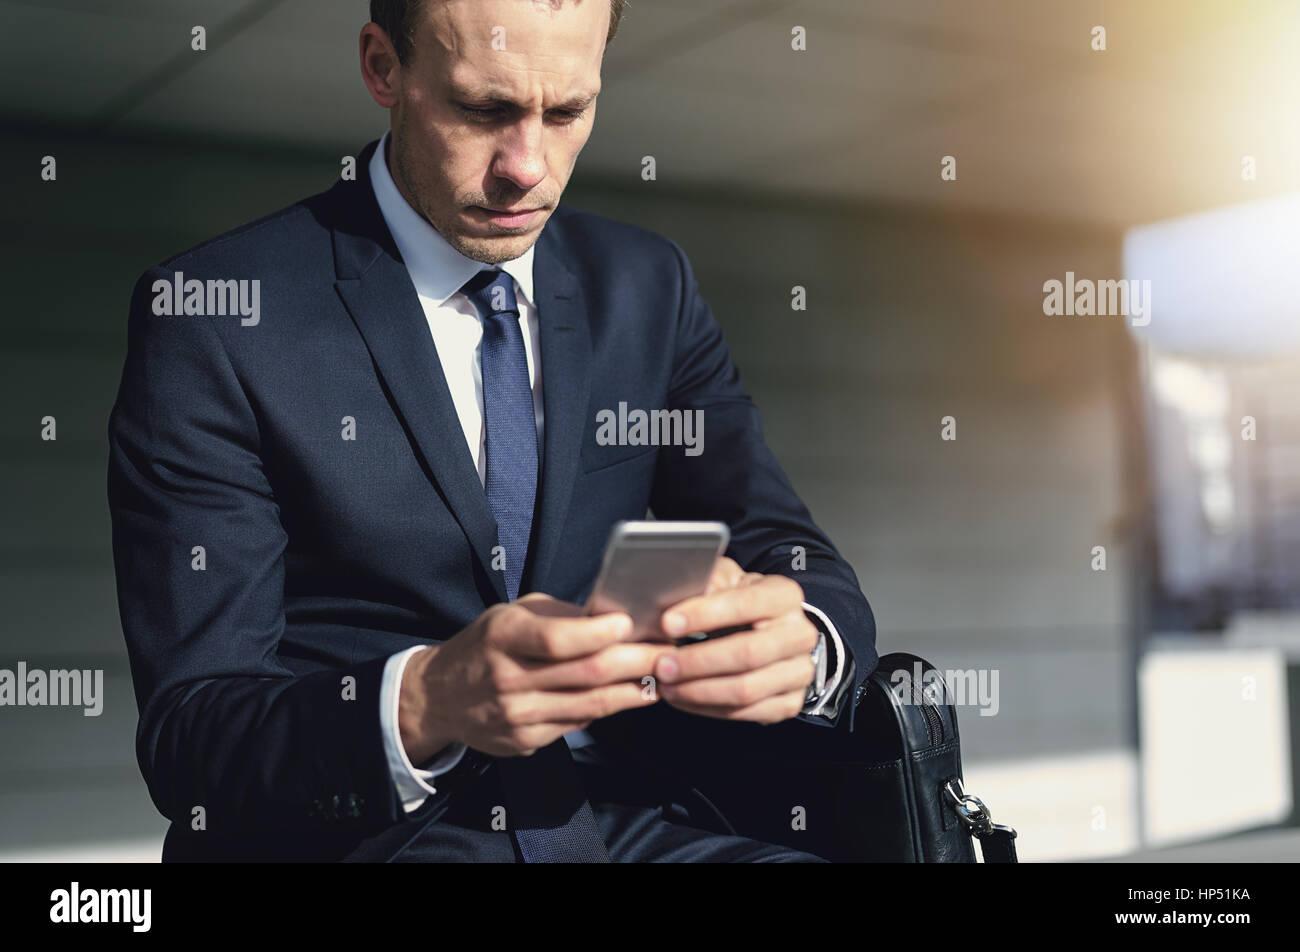 Seguro guapo empresario utilizando su teléfono. Horizontal rodada en interiores Imagen De Stock